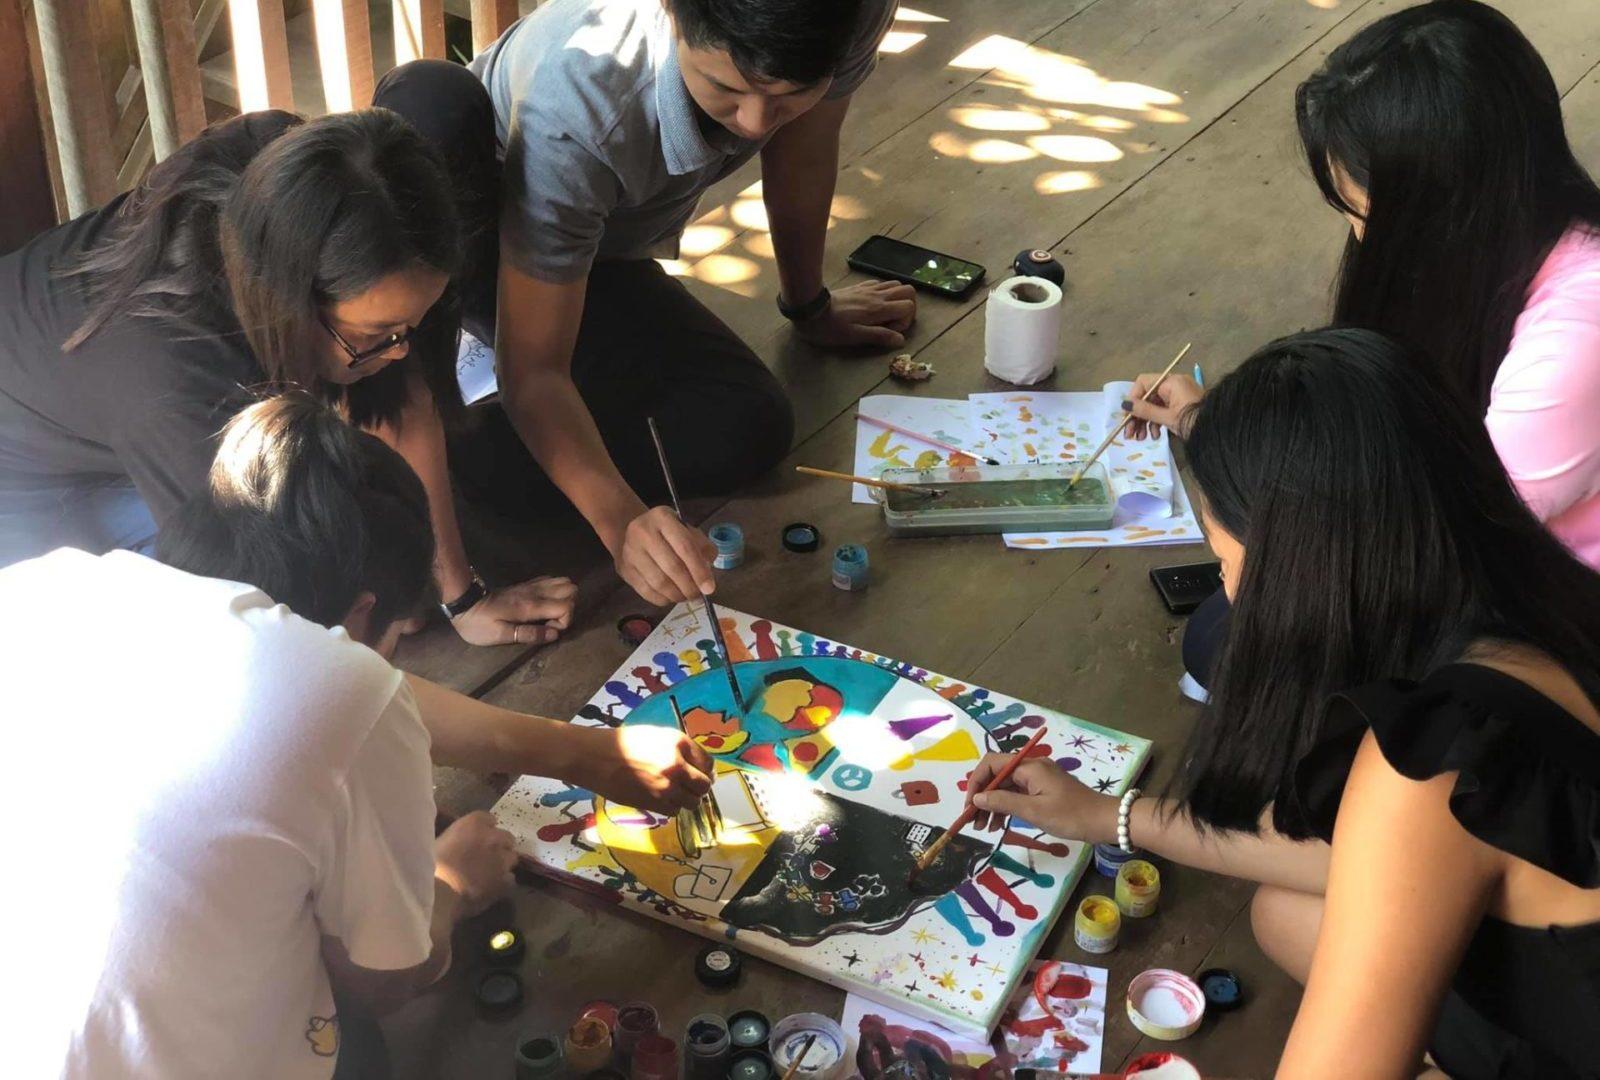 Kambodscha genderbasierte Gewalt